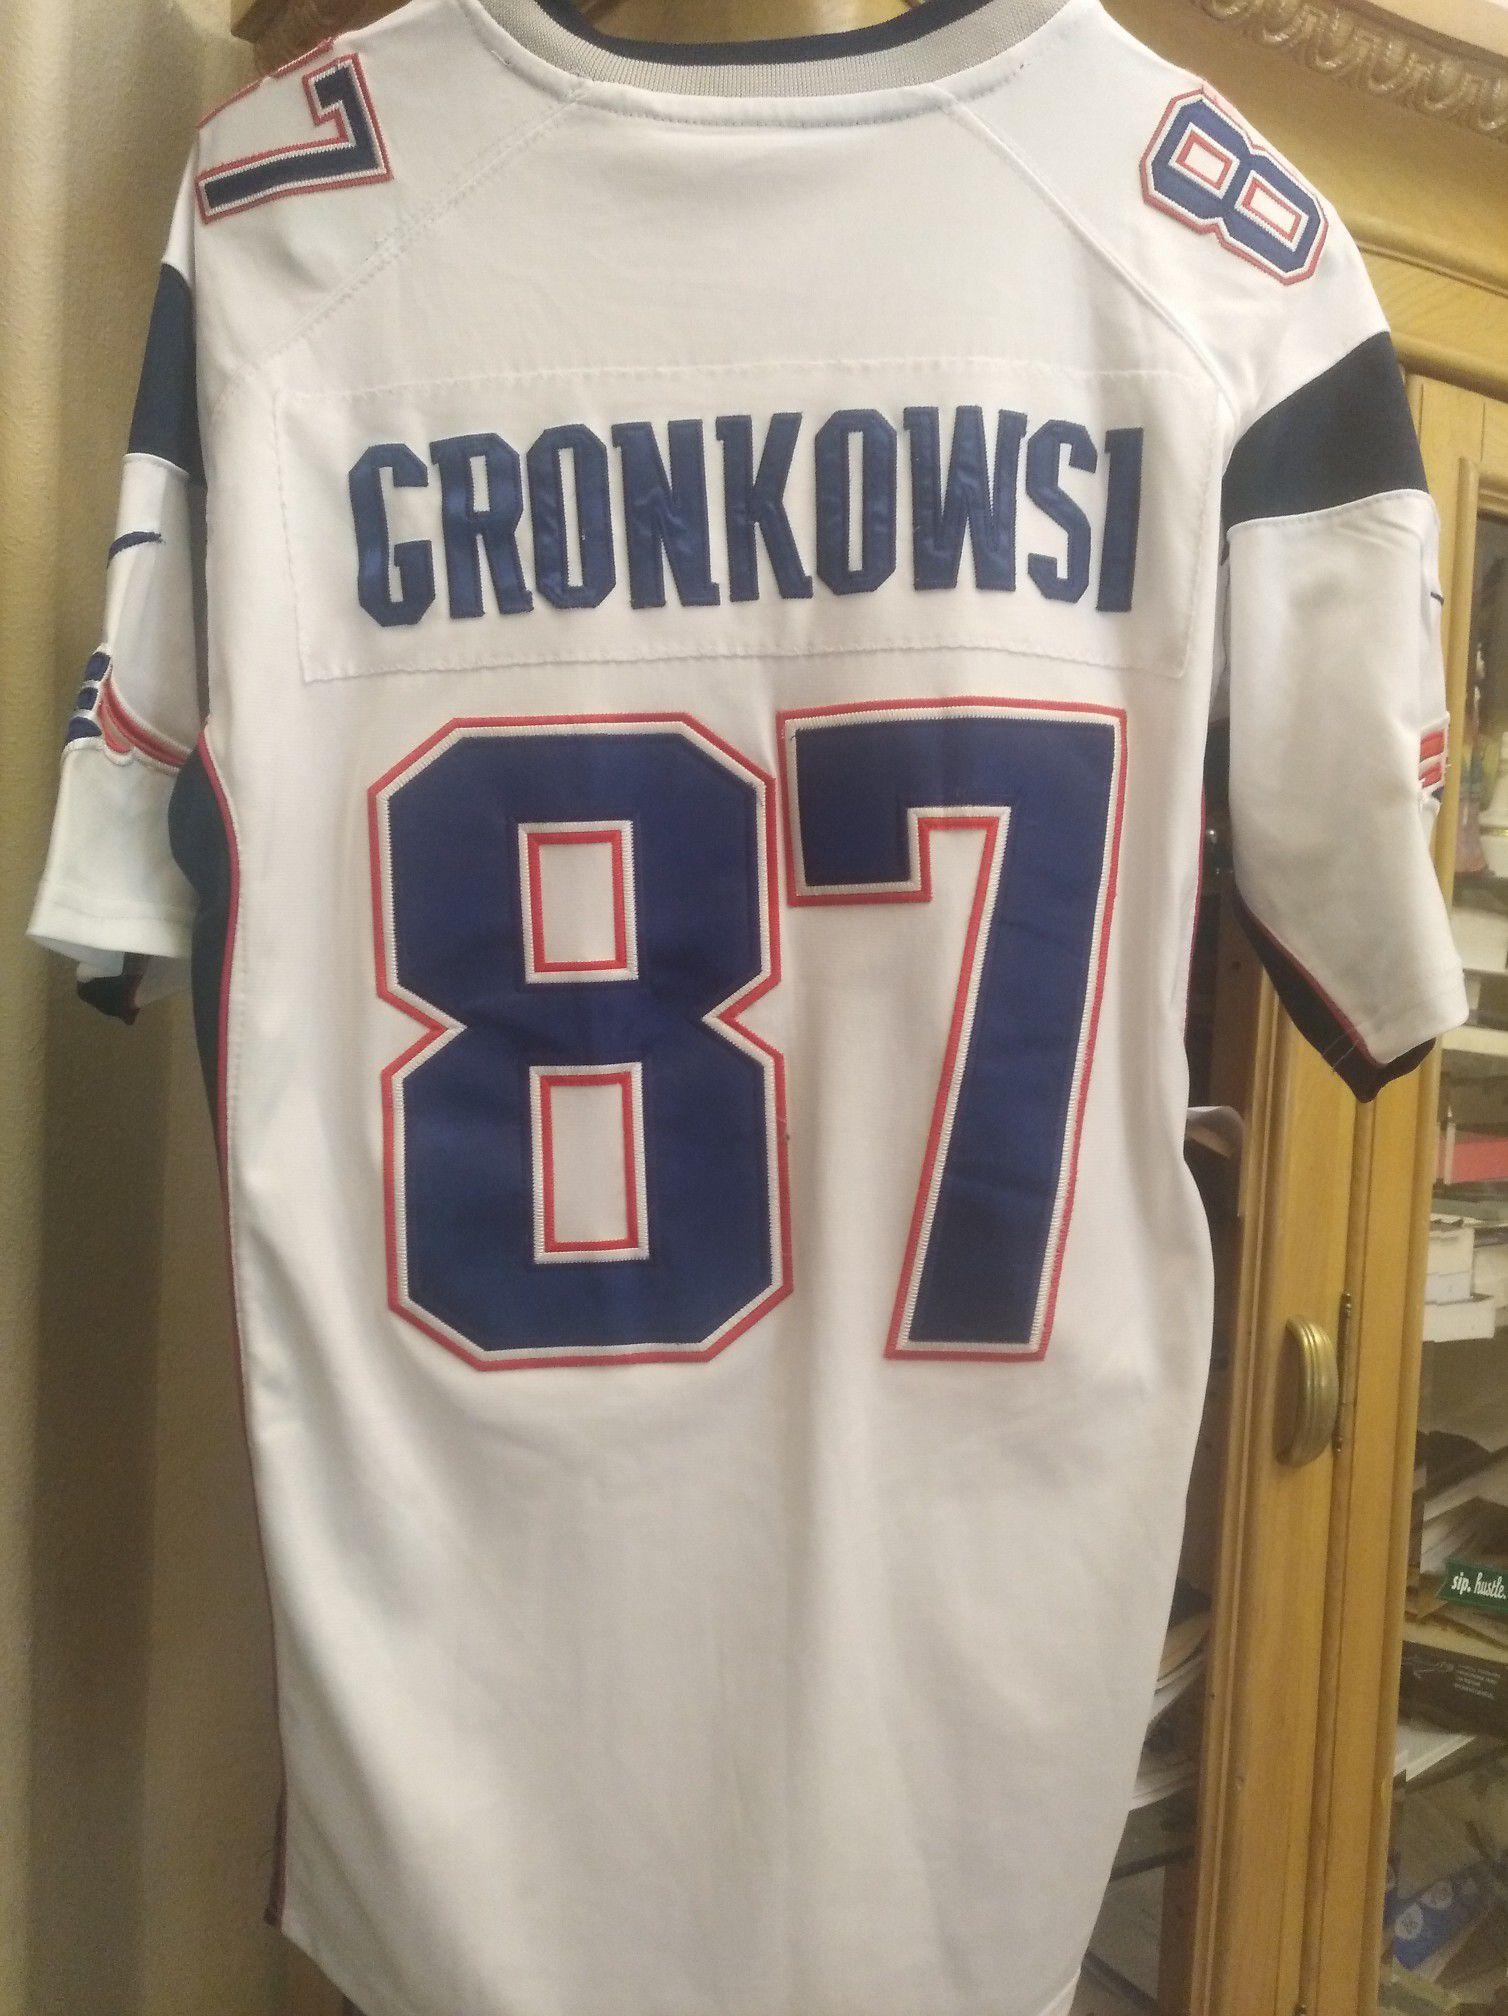 Patriots Jersey Gronkowsi